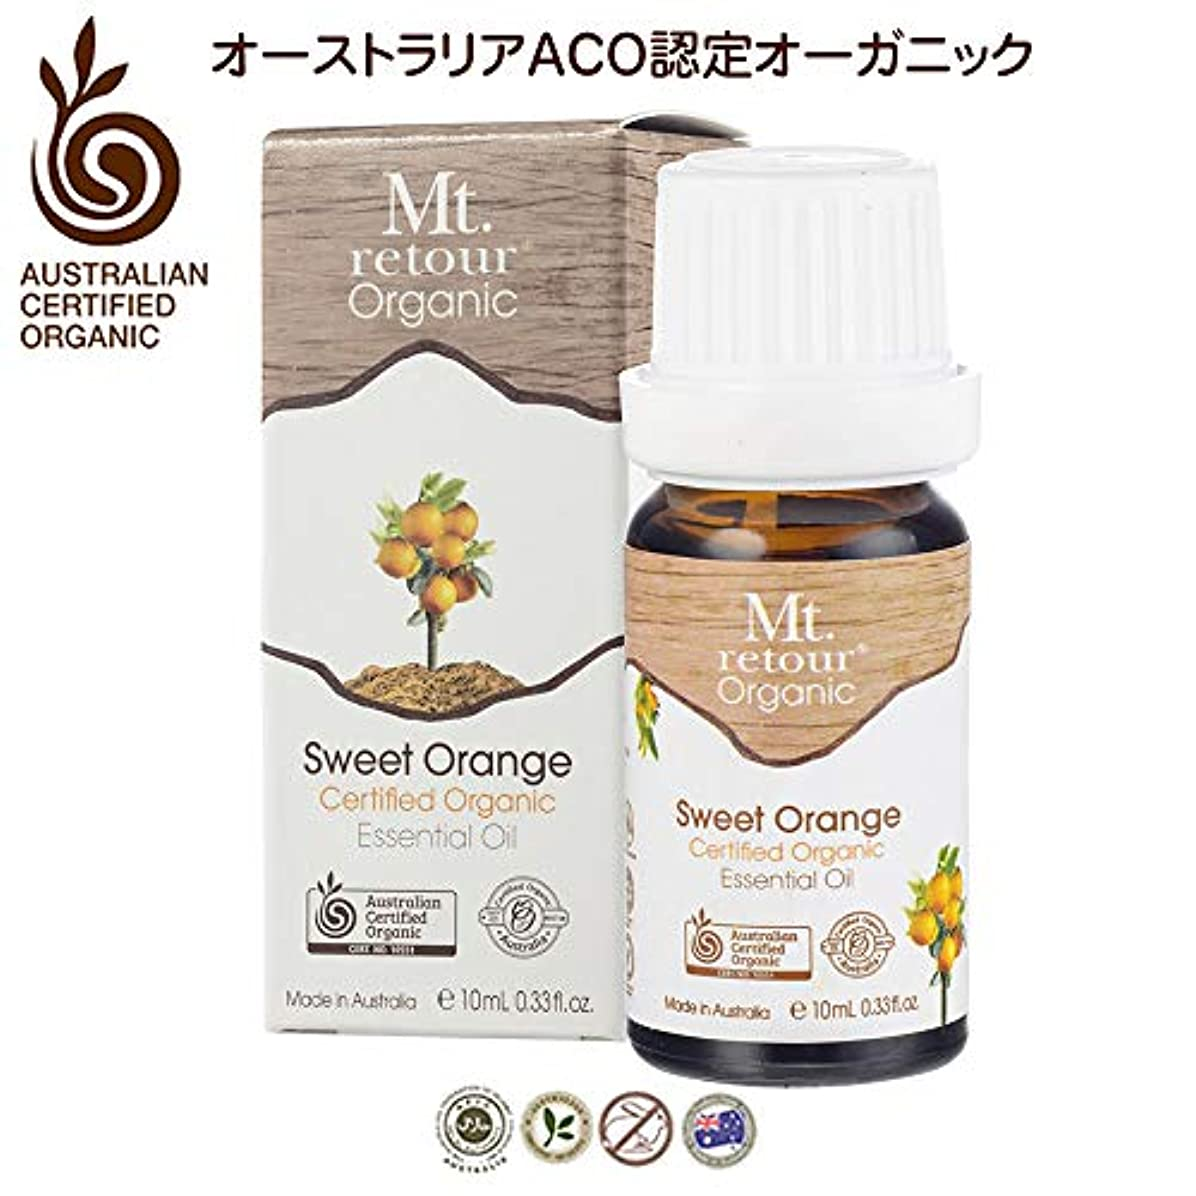 思想突っ込むスリットMt. retour ACO認定オーガニック オレンジスイート 10ml エッセンシャルオイル(無農薬有機)アロマ